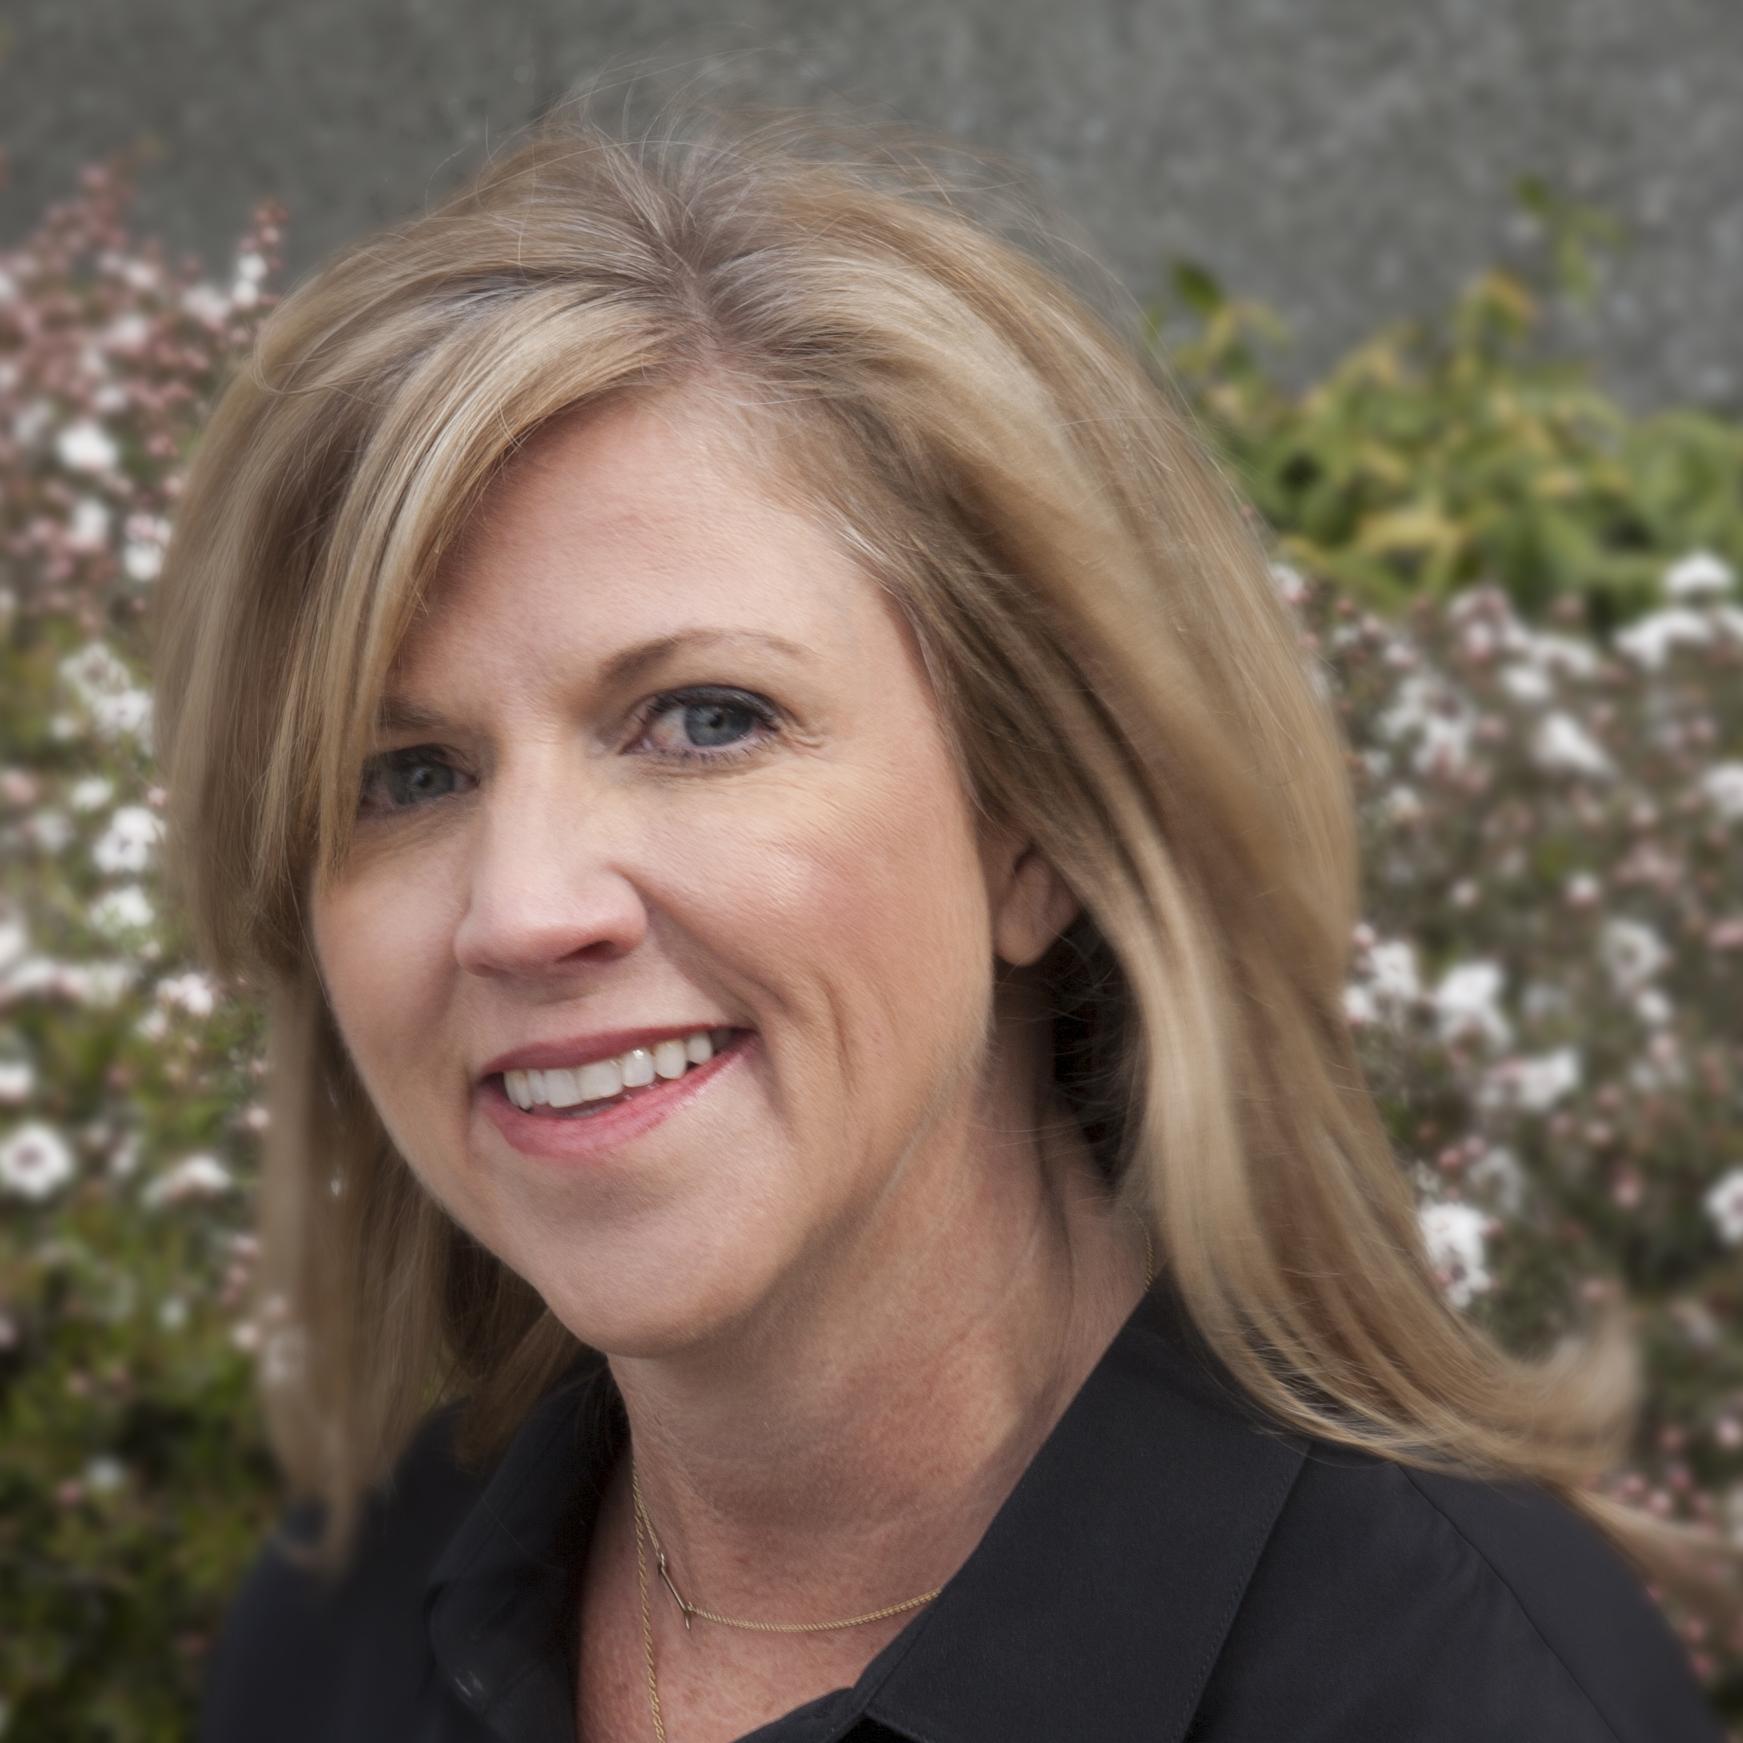 Wendy Nyberg - Vice President Marketing, Trinchero Family Estates